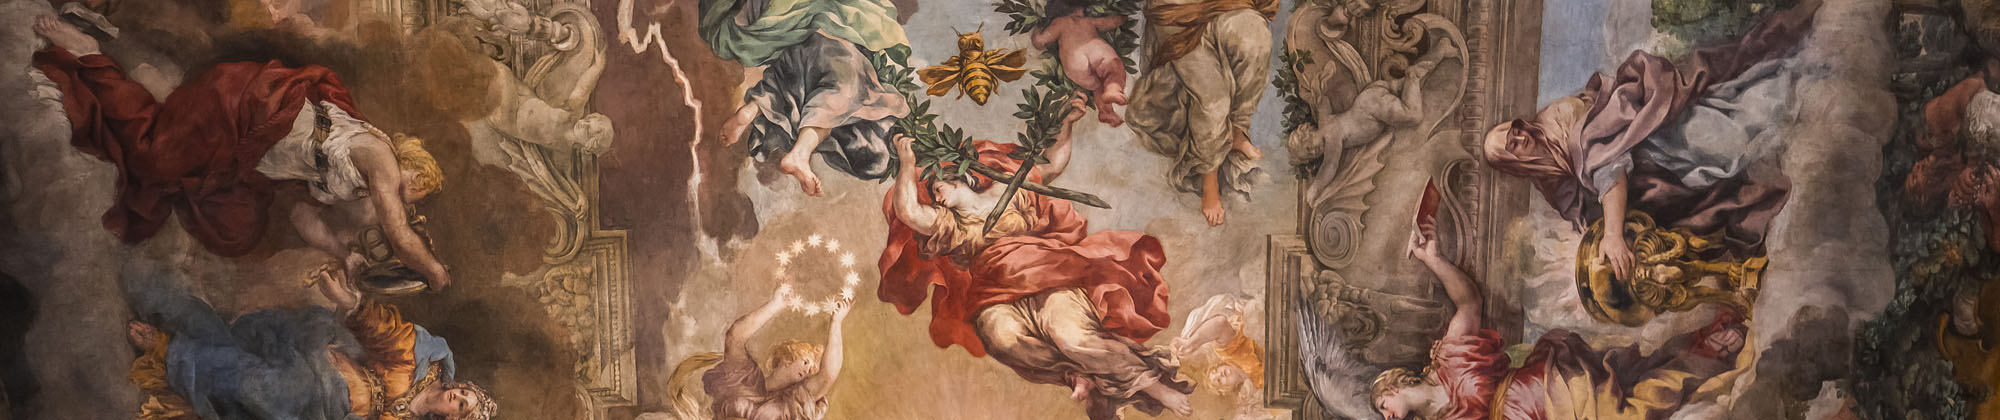 History of art | Università di Padova